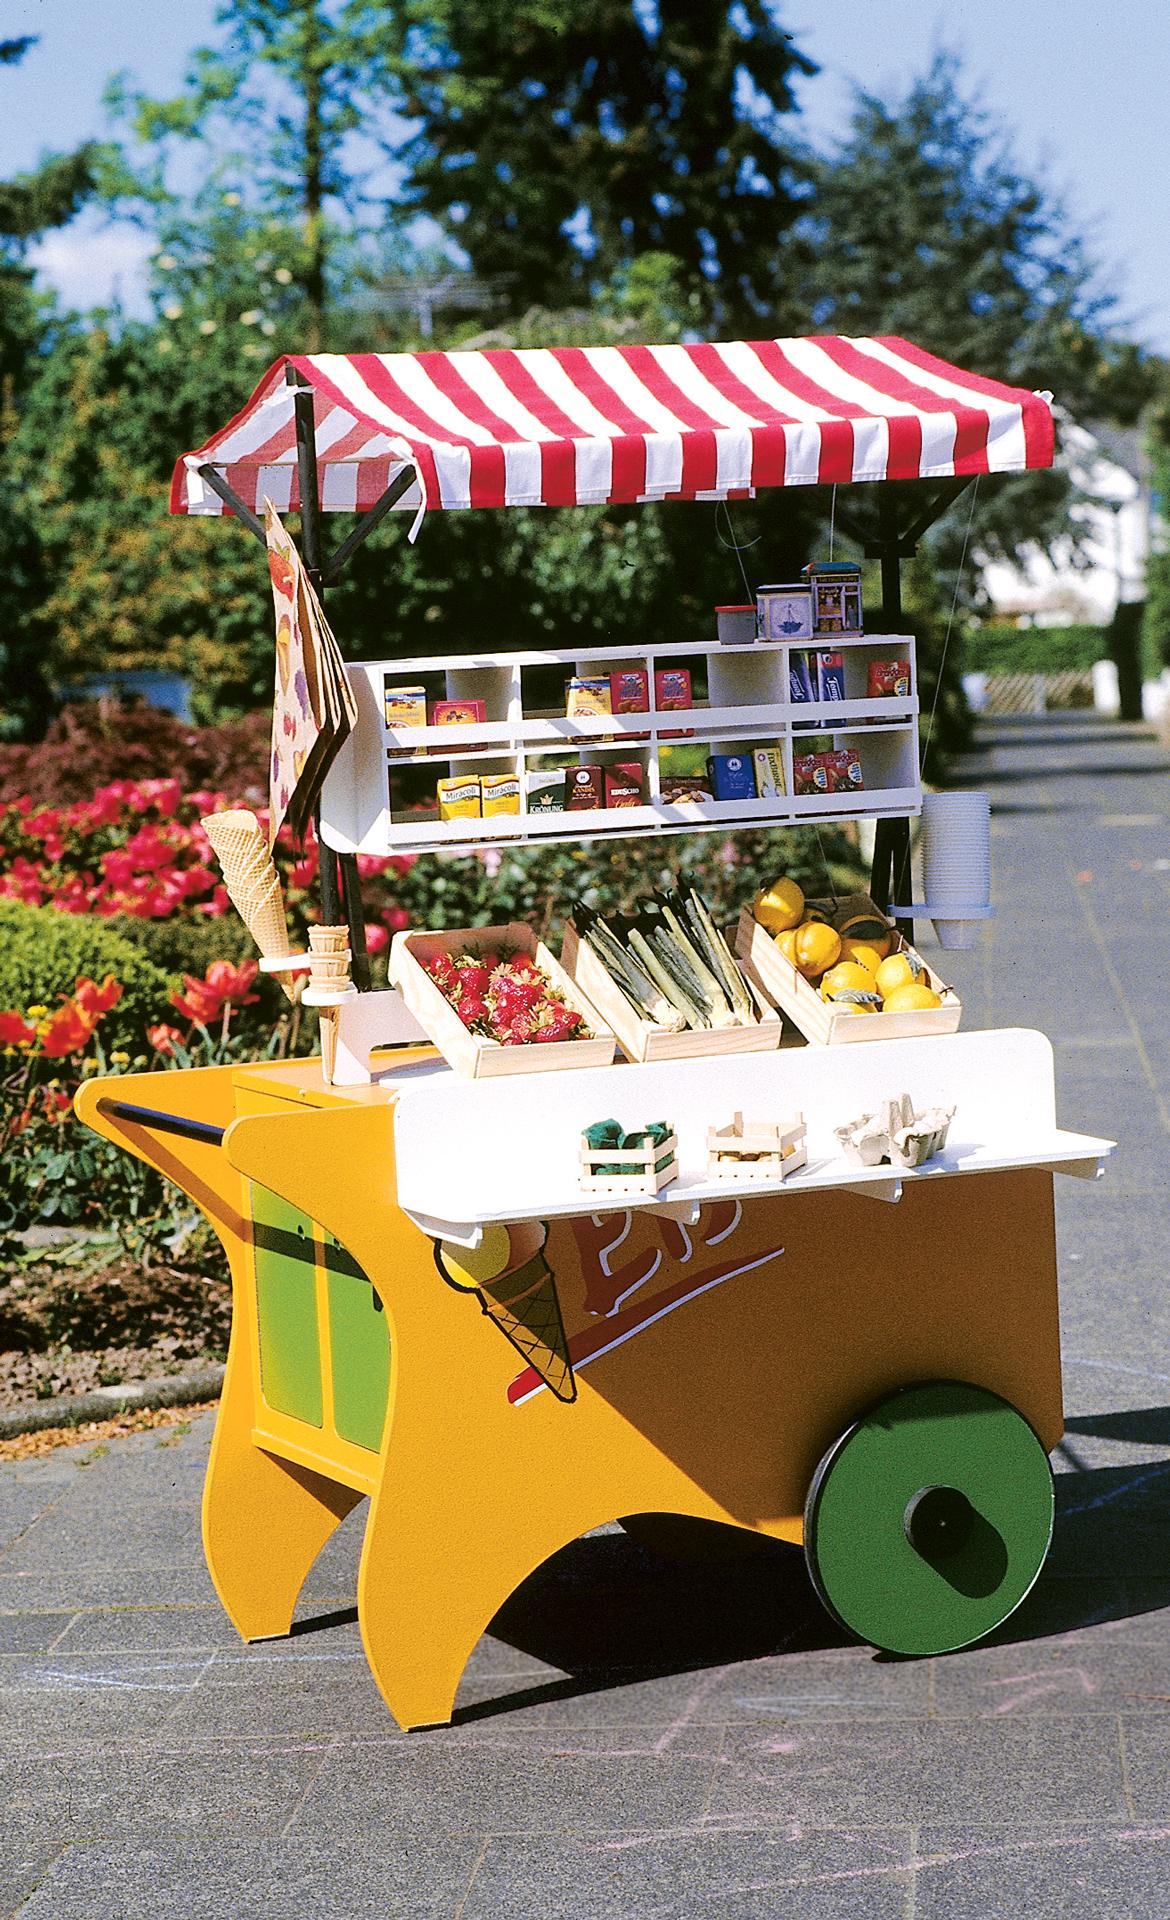 marktstand selber bauen | spielzeug & spielgeräte | selbst.de, Garten und bauen